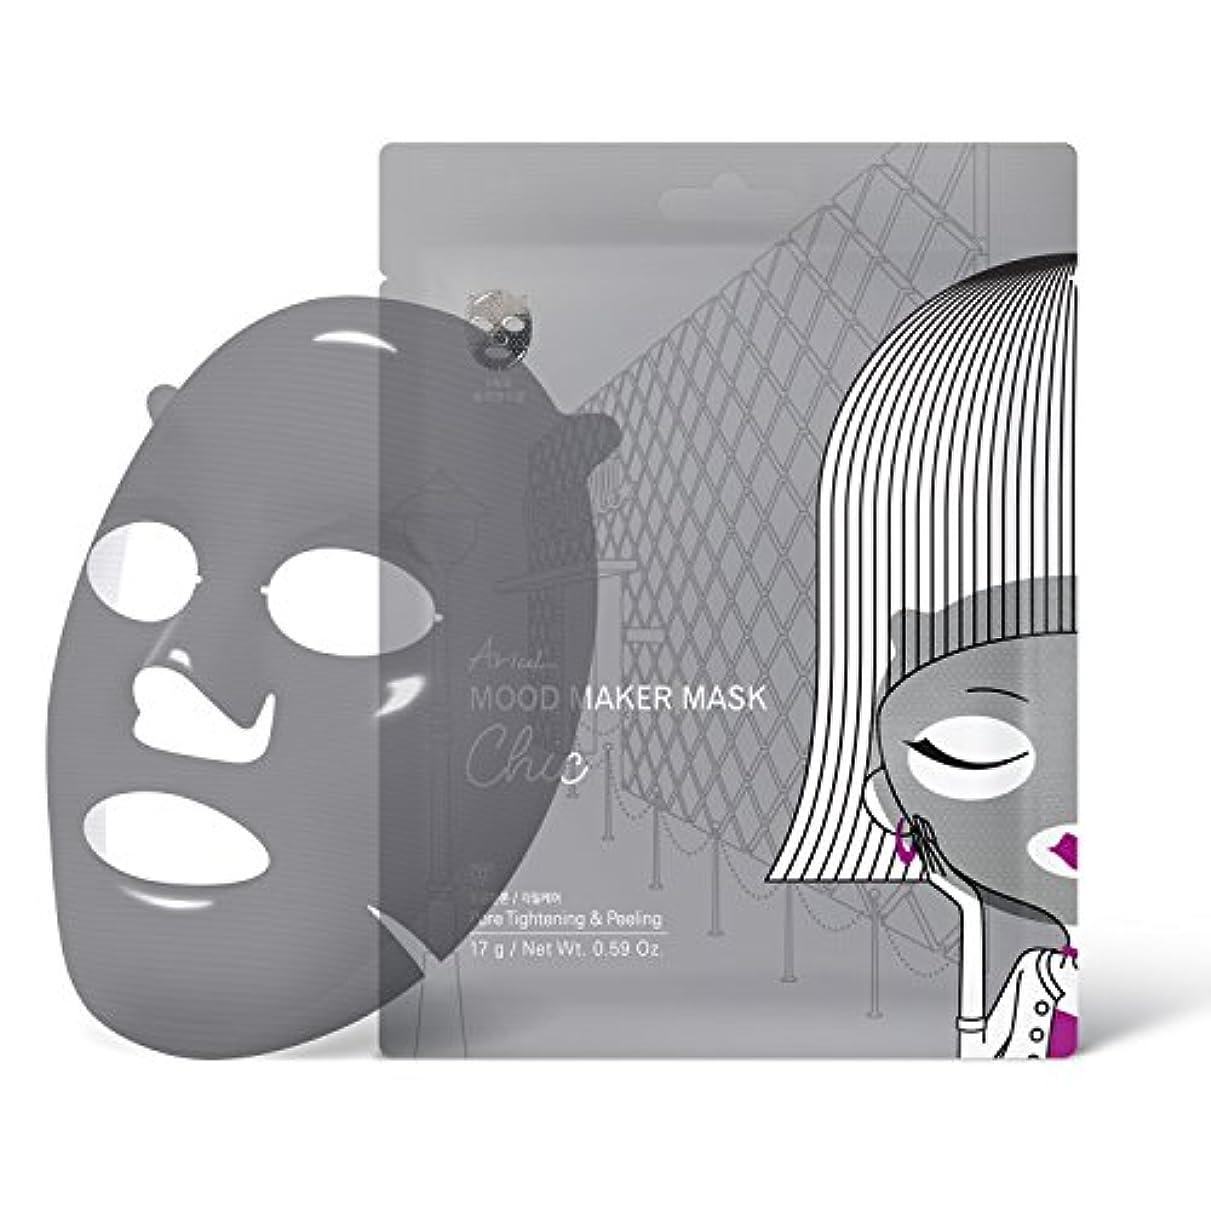 水族館一生ファセットアリウル ムードメーカーマスク シック 1枚入り